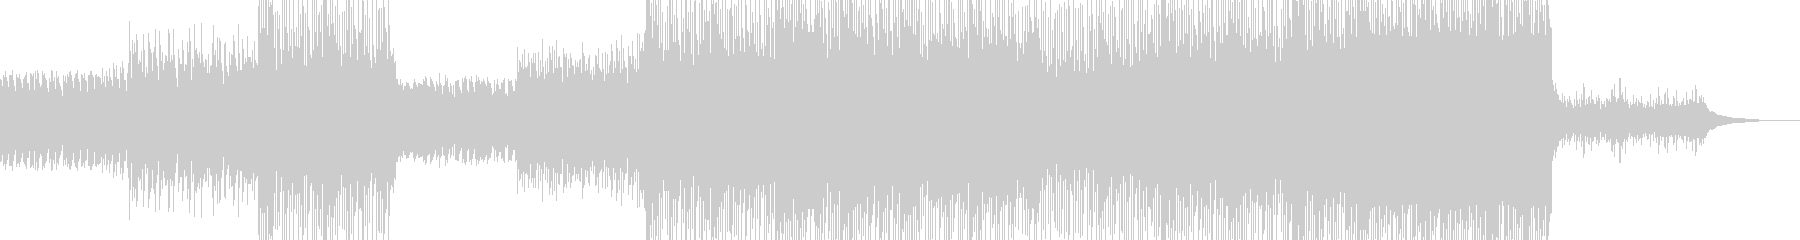 変則的なリズムとピアノとエレキの未再生の波形